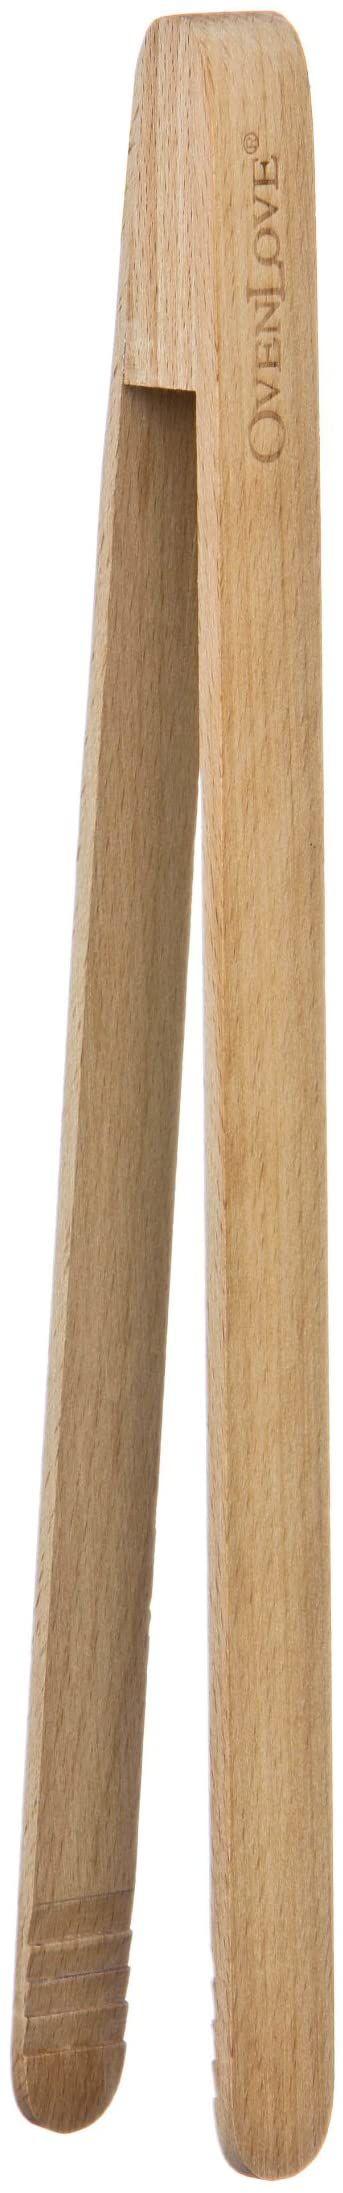 Premier Housewares OvenLove szczypce do żywności z drewna bukowego